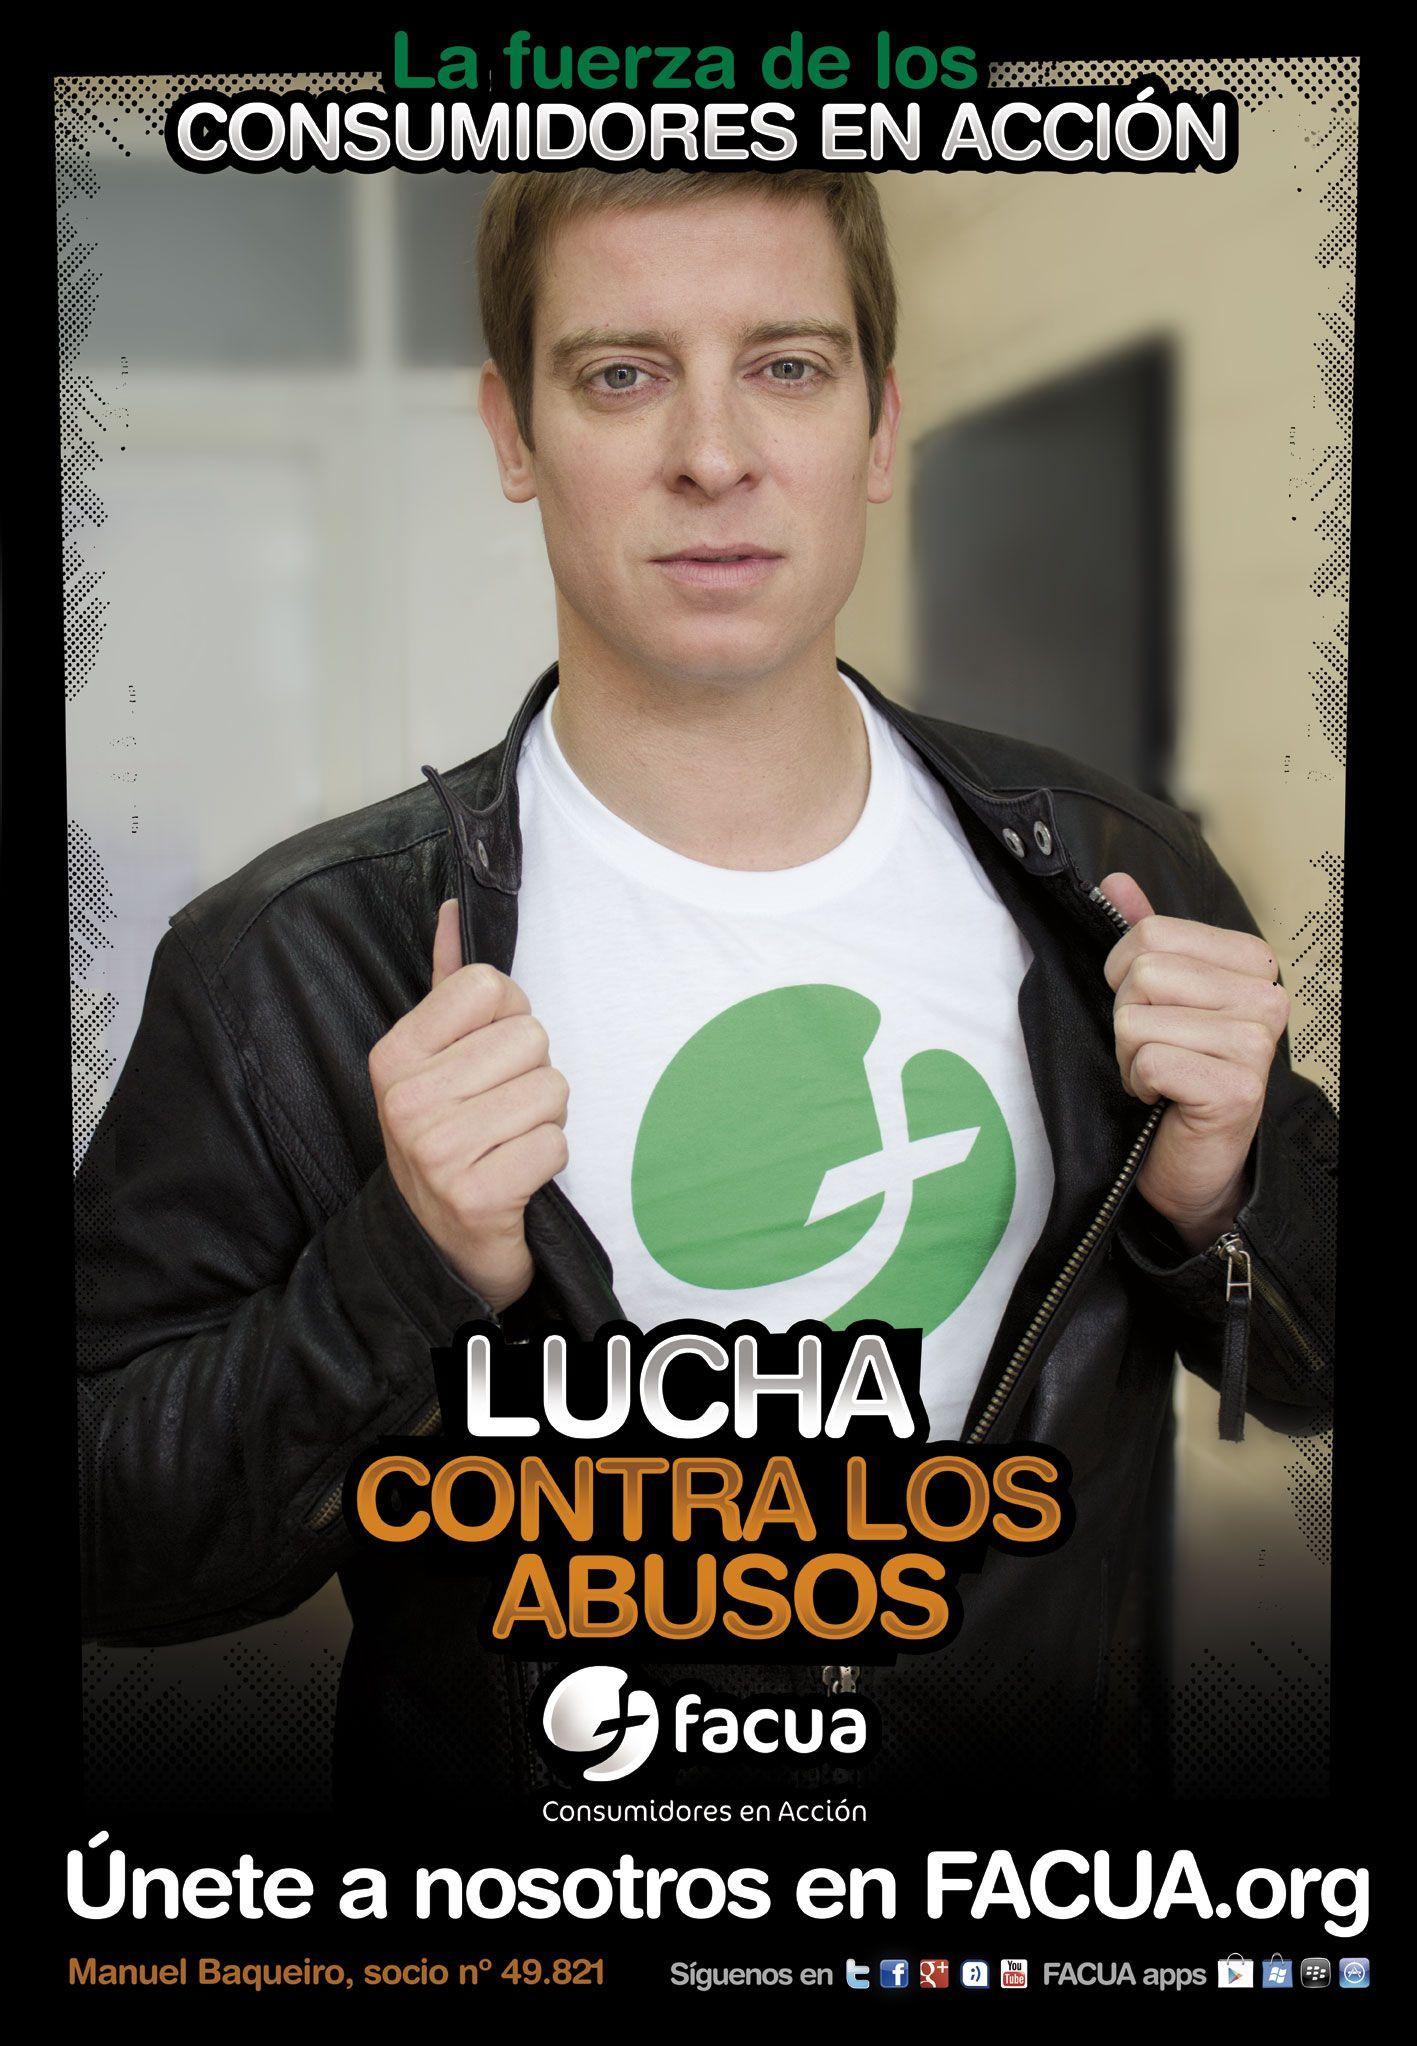 Manuel Baqueiro, socio de FACUA nº 49.821, llama a los consumidores a la lucha contra los abusos